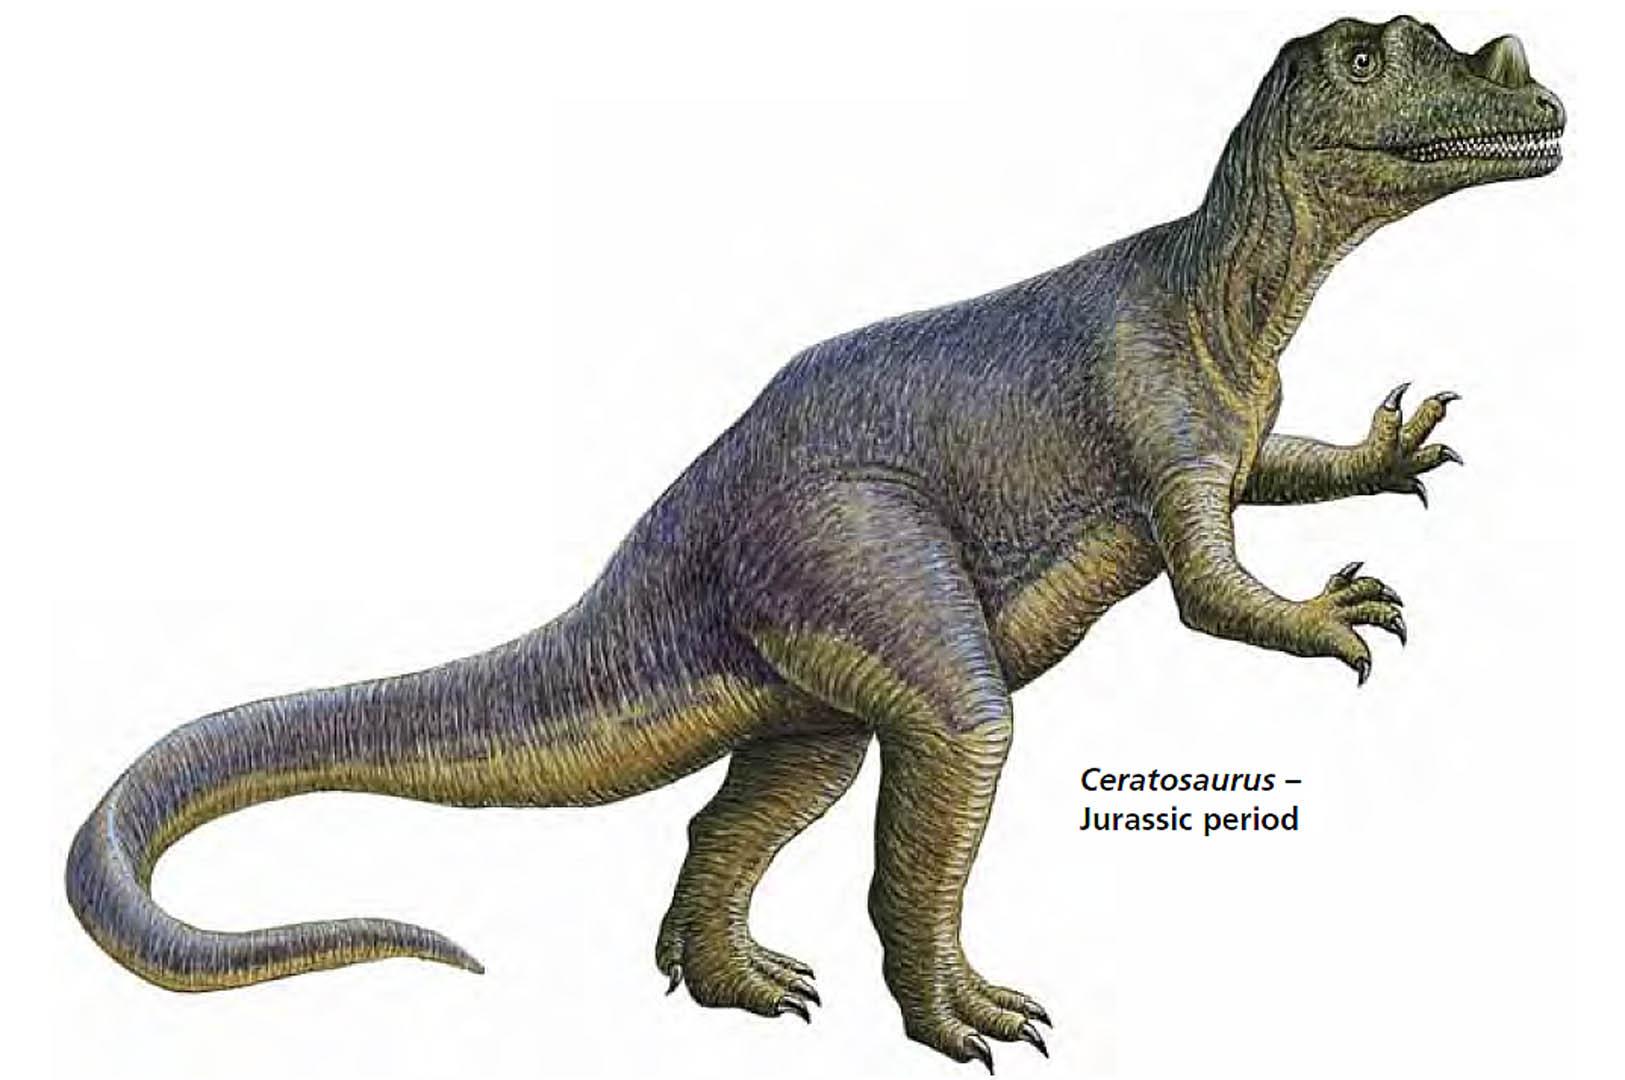 Jurassic Period Ceratosaurus